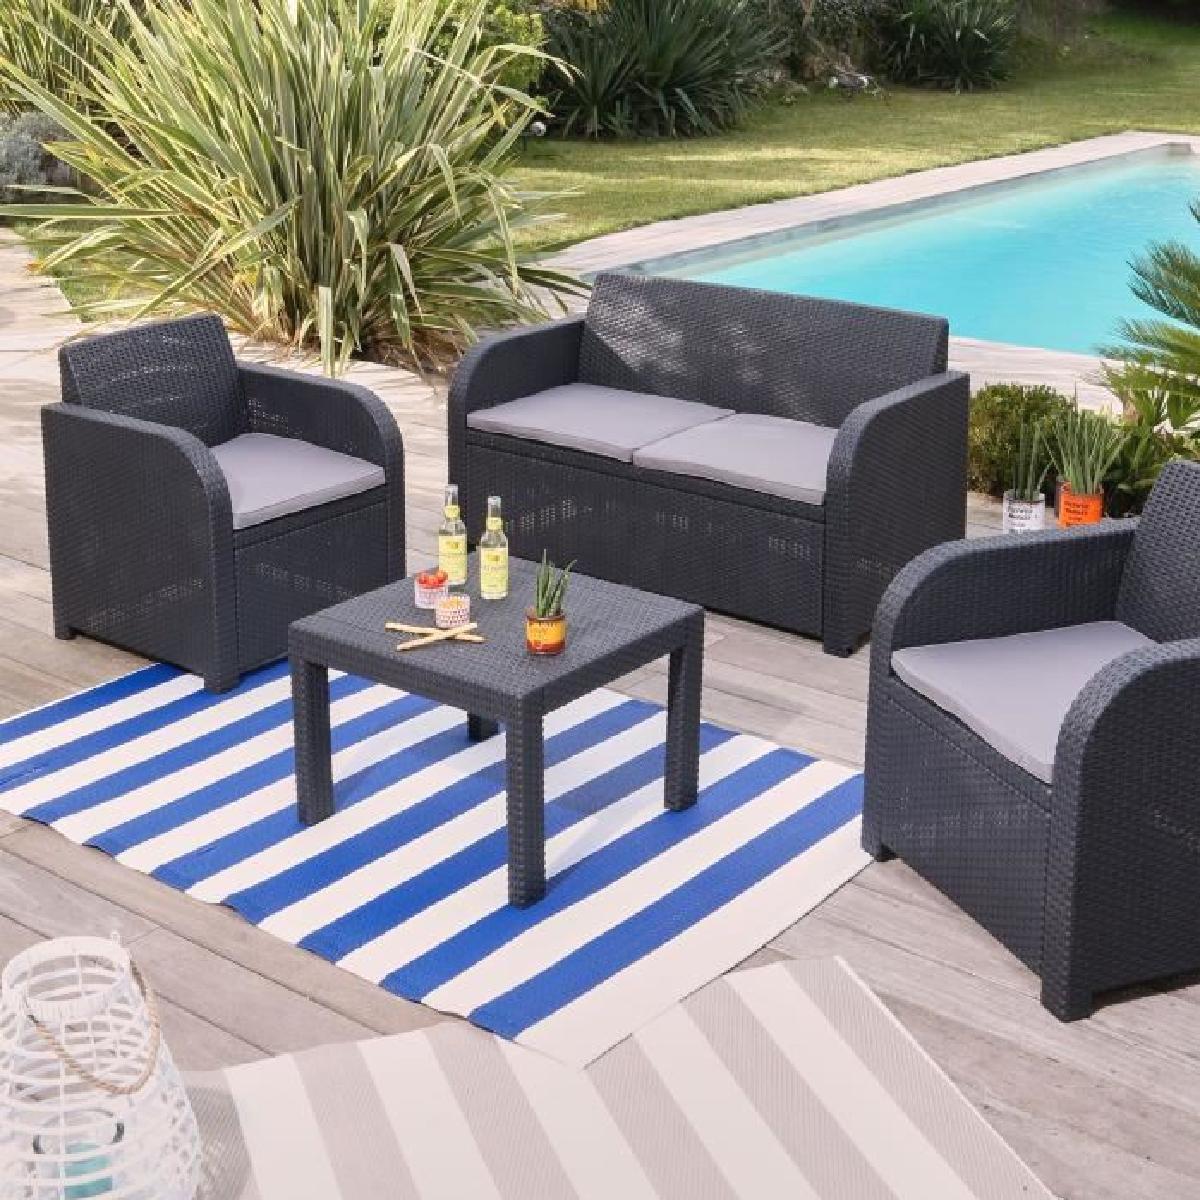 salon de jardin corona gris ch let maison et cabane. Black Bedroom Furniture Sets. Home Design Ideas